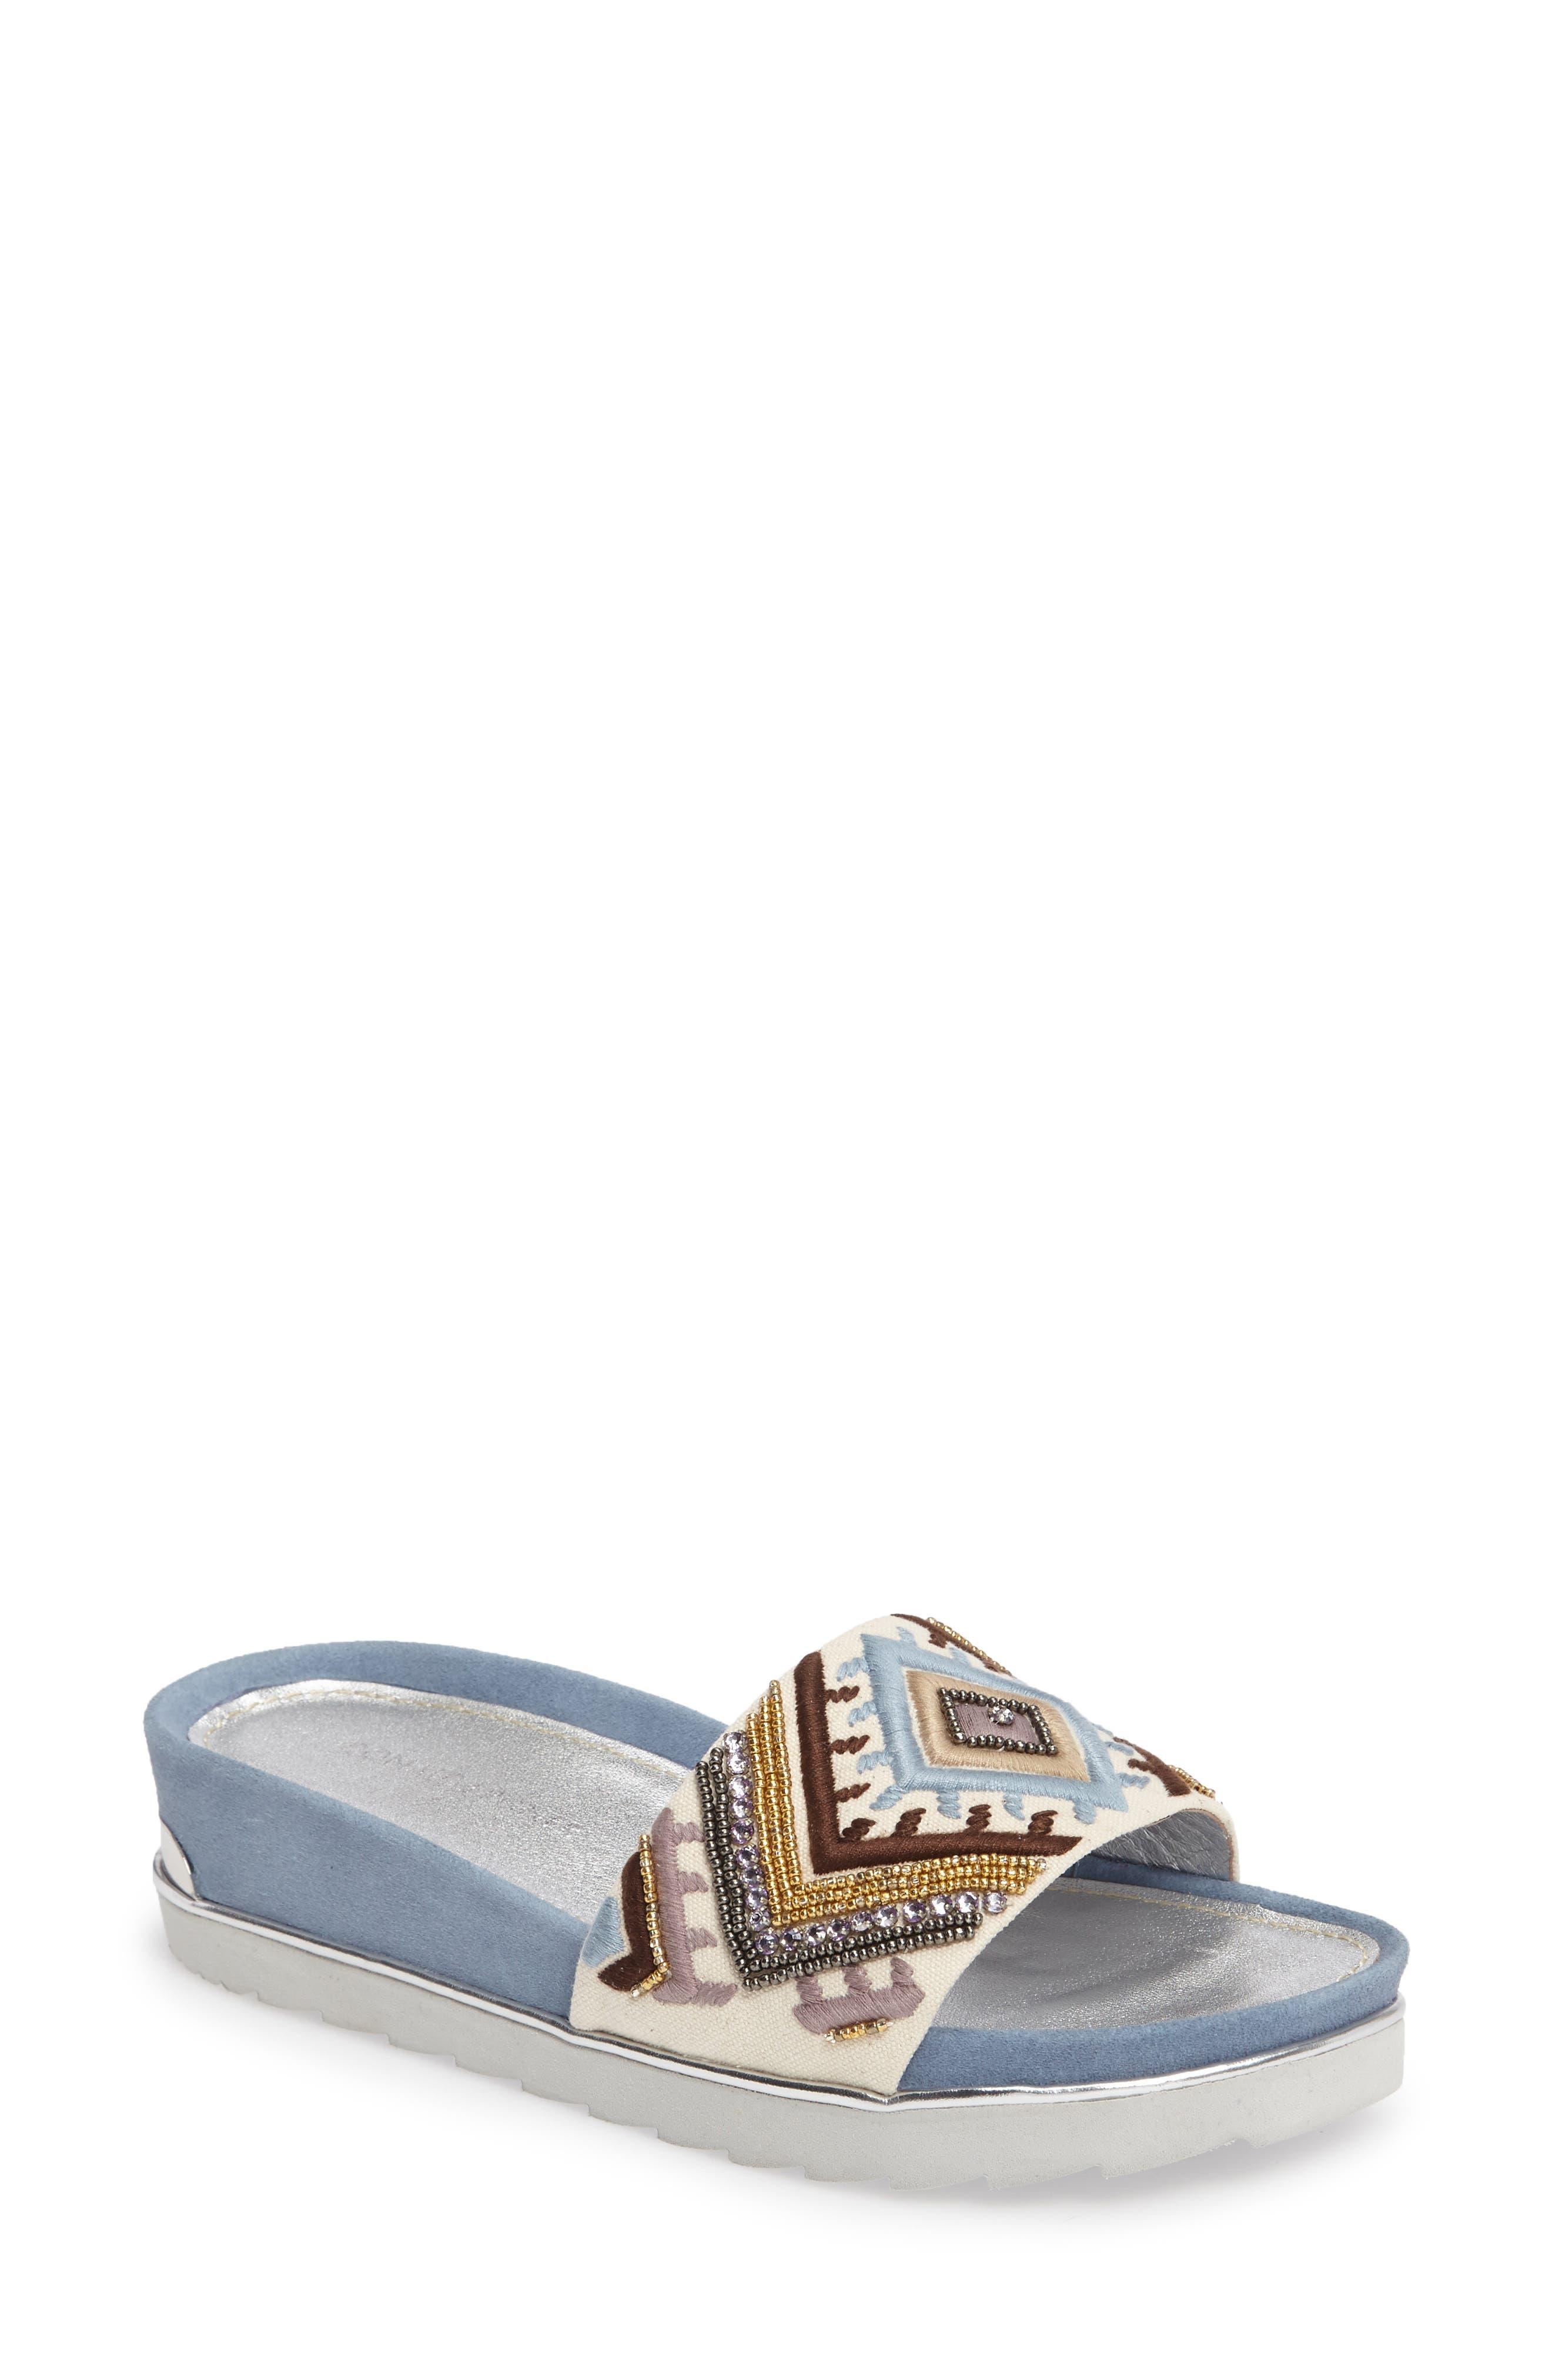 DONALD J PLINER 'Cava' Slide Sandal